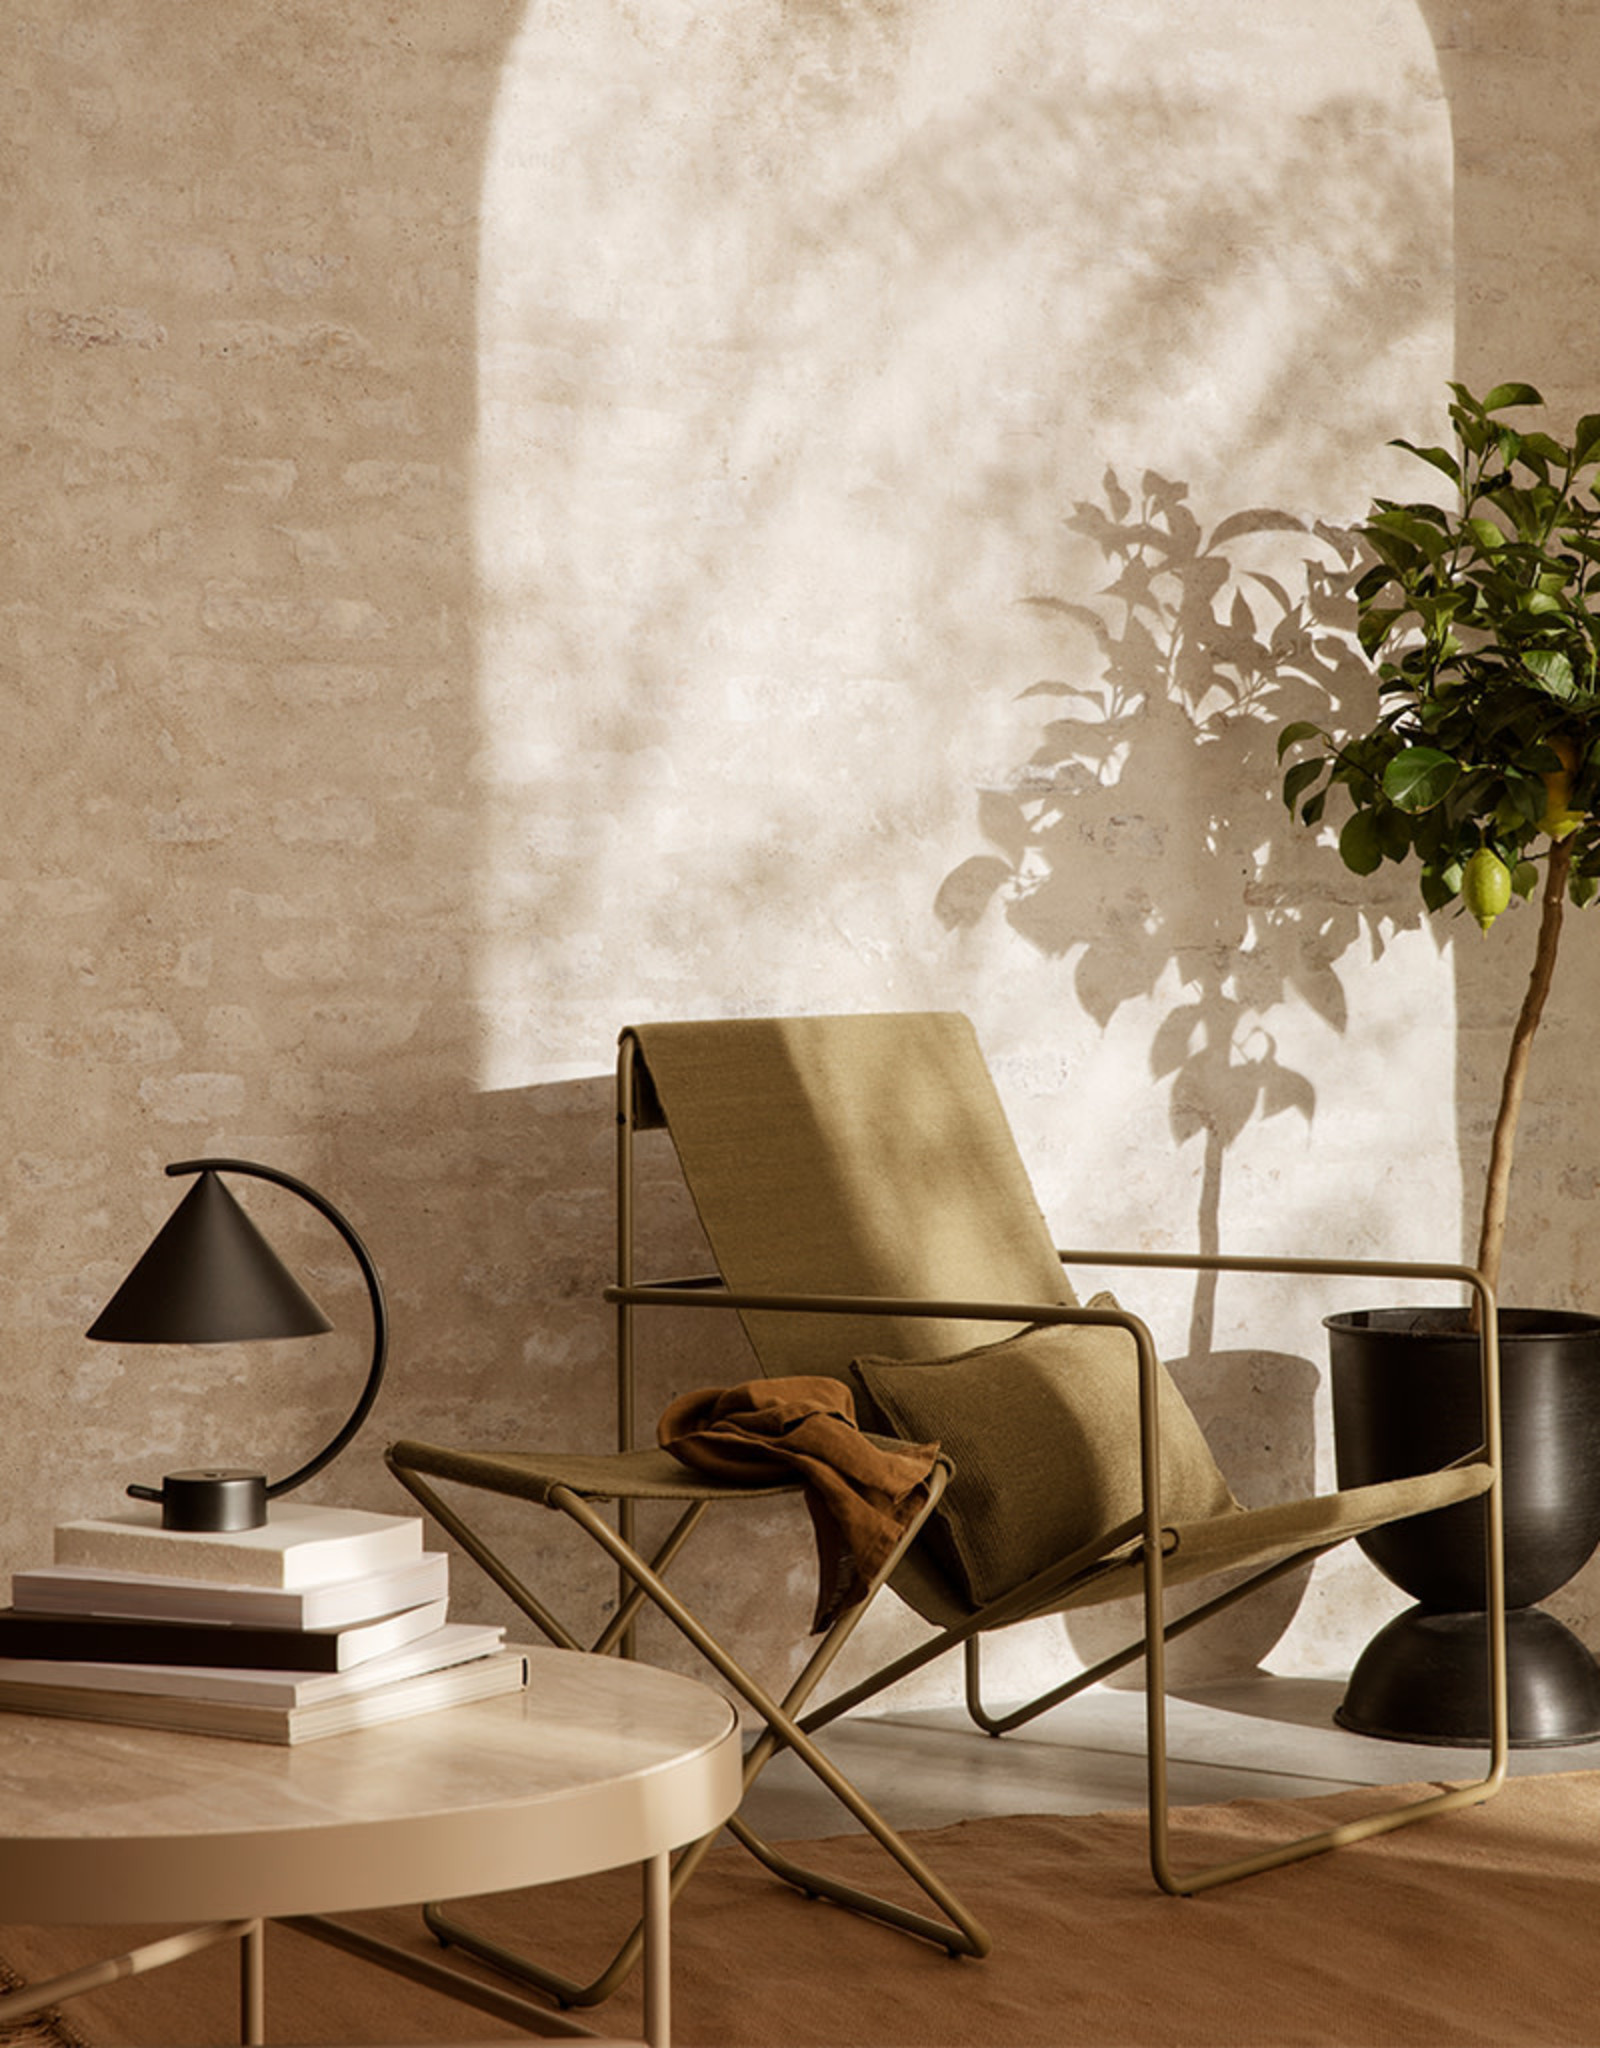 FERM LIVING FERM LIVING Desert Lounge Chair Black/Olive